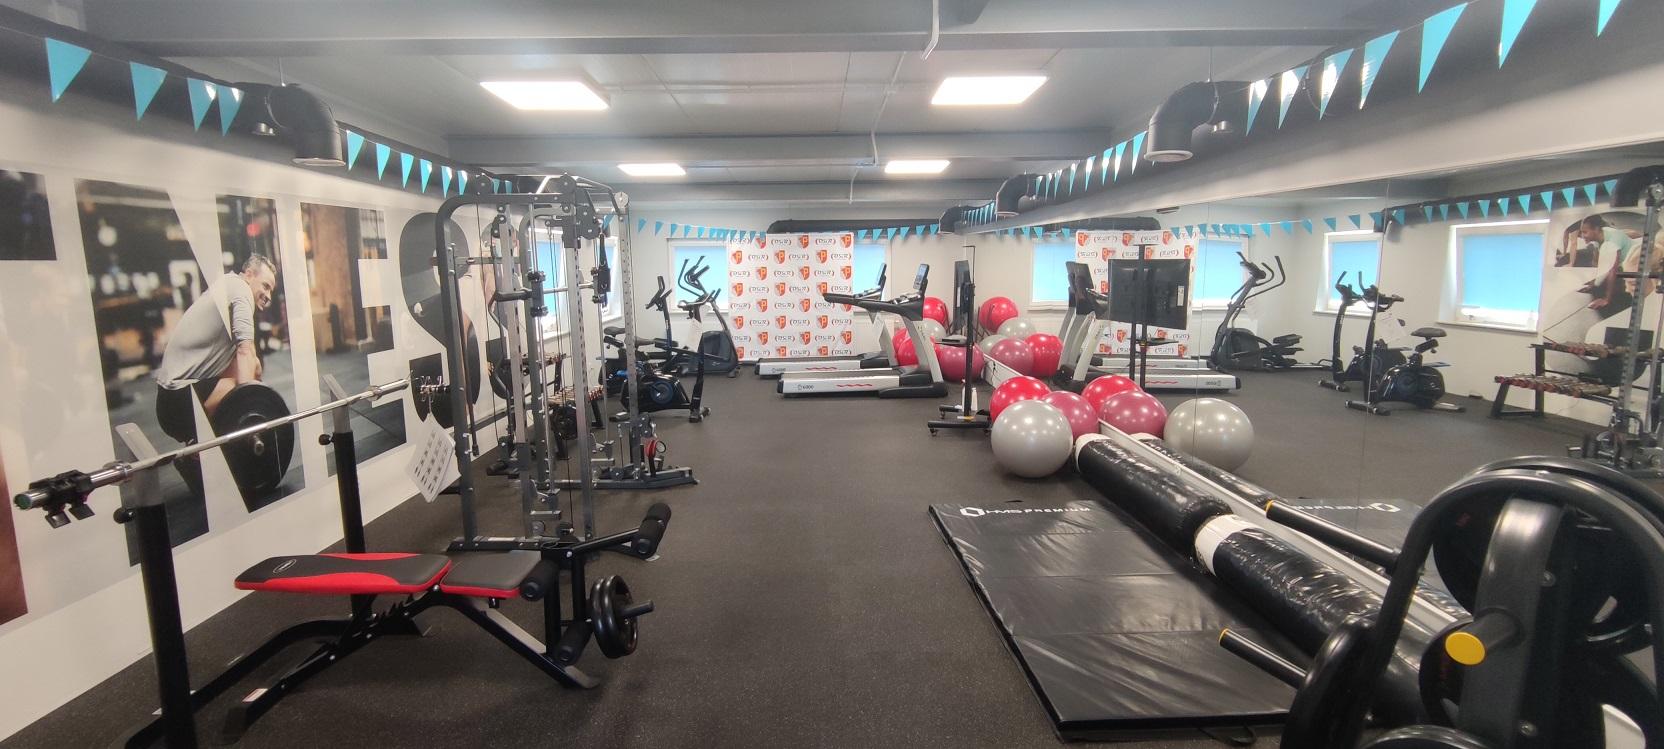 Poniatowa: Nowa siłownia czeka na mieszkańców - Zdjęcie główne